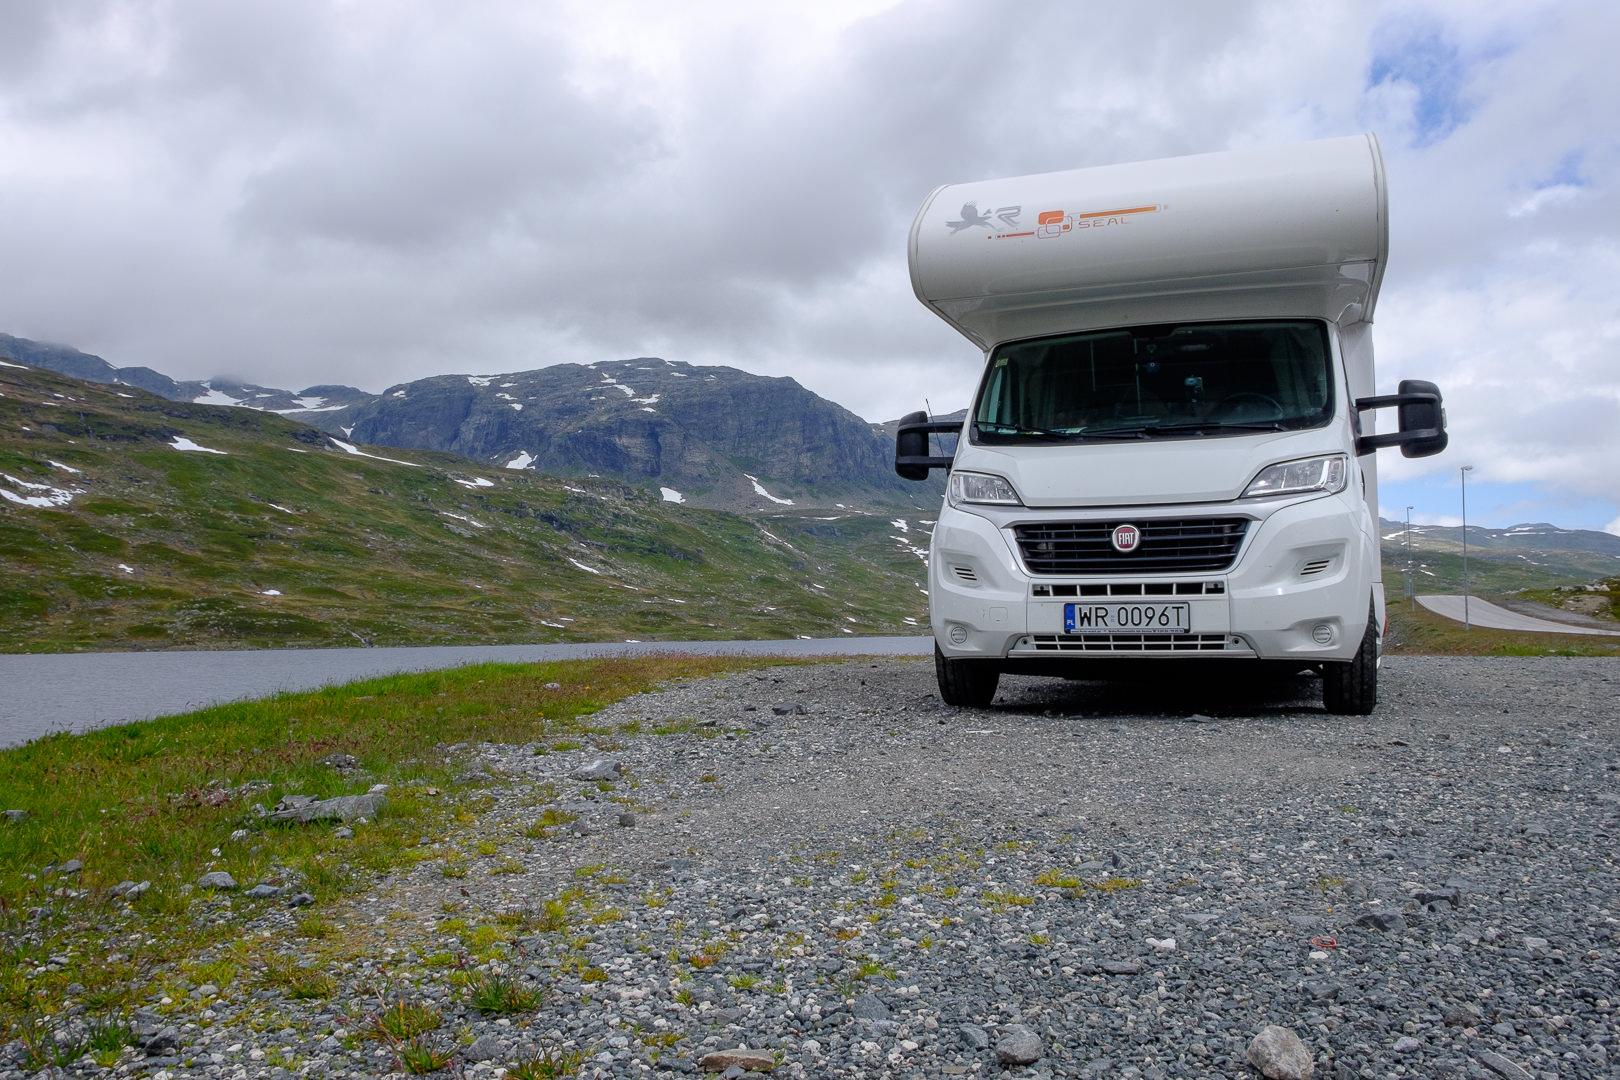 DSCF2431 Kamper czyli jak rodziła się nasza fascynacja Lato 2016 Norwegia